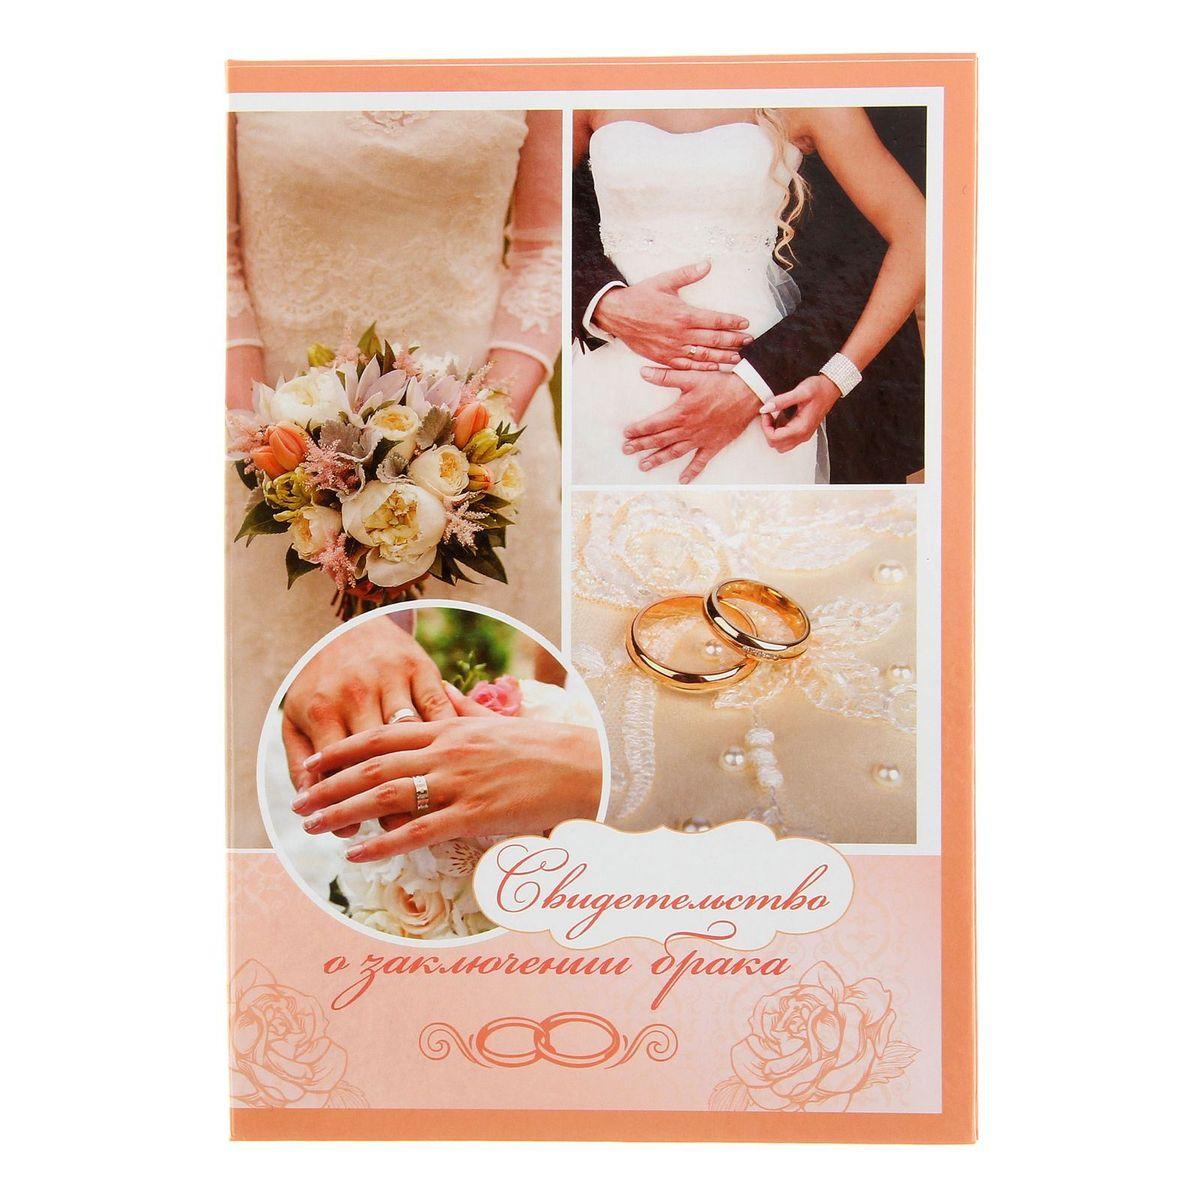 Папка для свидетельства о заключении брака Sima-land Коллаж руки, 0,3 x 20,5 x 14,2 см1116951Папка для свидетельства о заключении брака - наилучшее обрамление первого совместного документа молодой семьи. Она подчеркнёт торжественность бракосочетания и будет напоминать вам о светлом дне свадьбы!Папка формата А5 из ламинированного картона имеет удобный файл внутри (27 х 20 см), который бережно сохранит столь важный документ в первозданном виде.Интересный дизайн обложки душевные пожелания создадут отличное настроение новобрачным. Выберите этот аксессуар себе или подарите друзьям. Папка станет хорошим презентом на свадьбу или её годовщину.